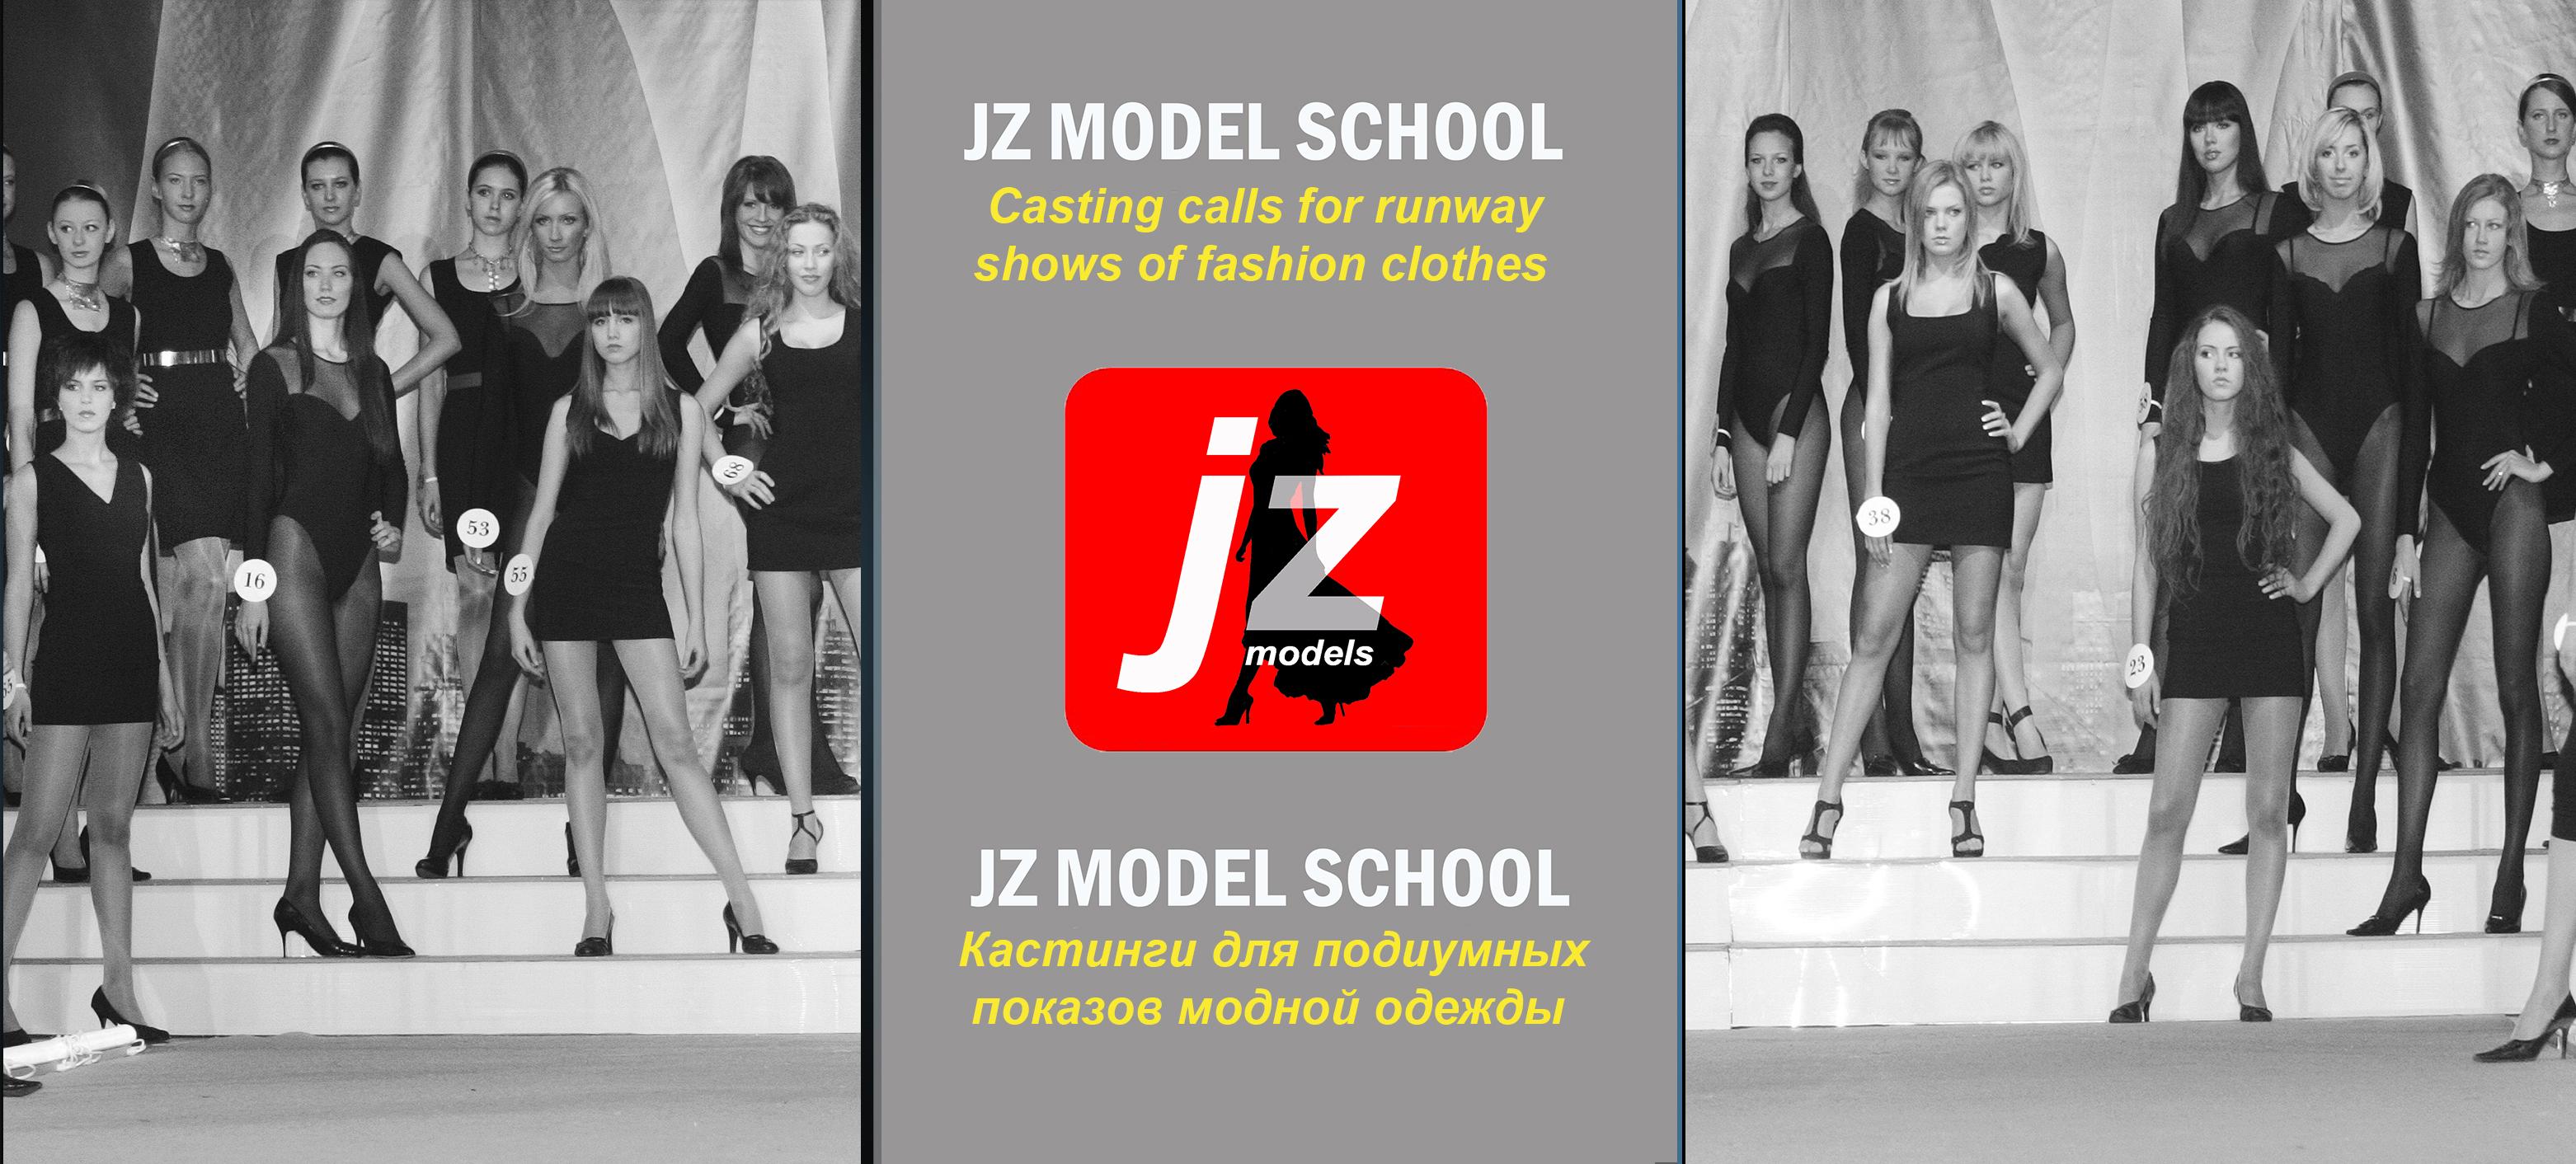 Casting for a runway fashion show Кастинг для подиумного показа модной одежды